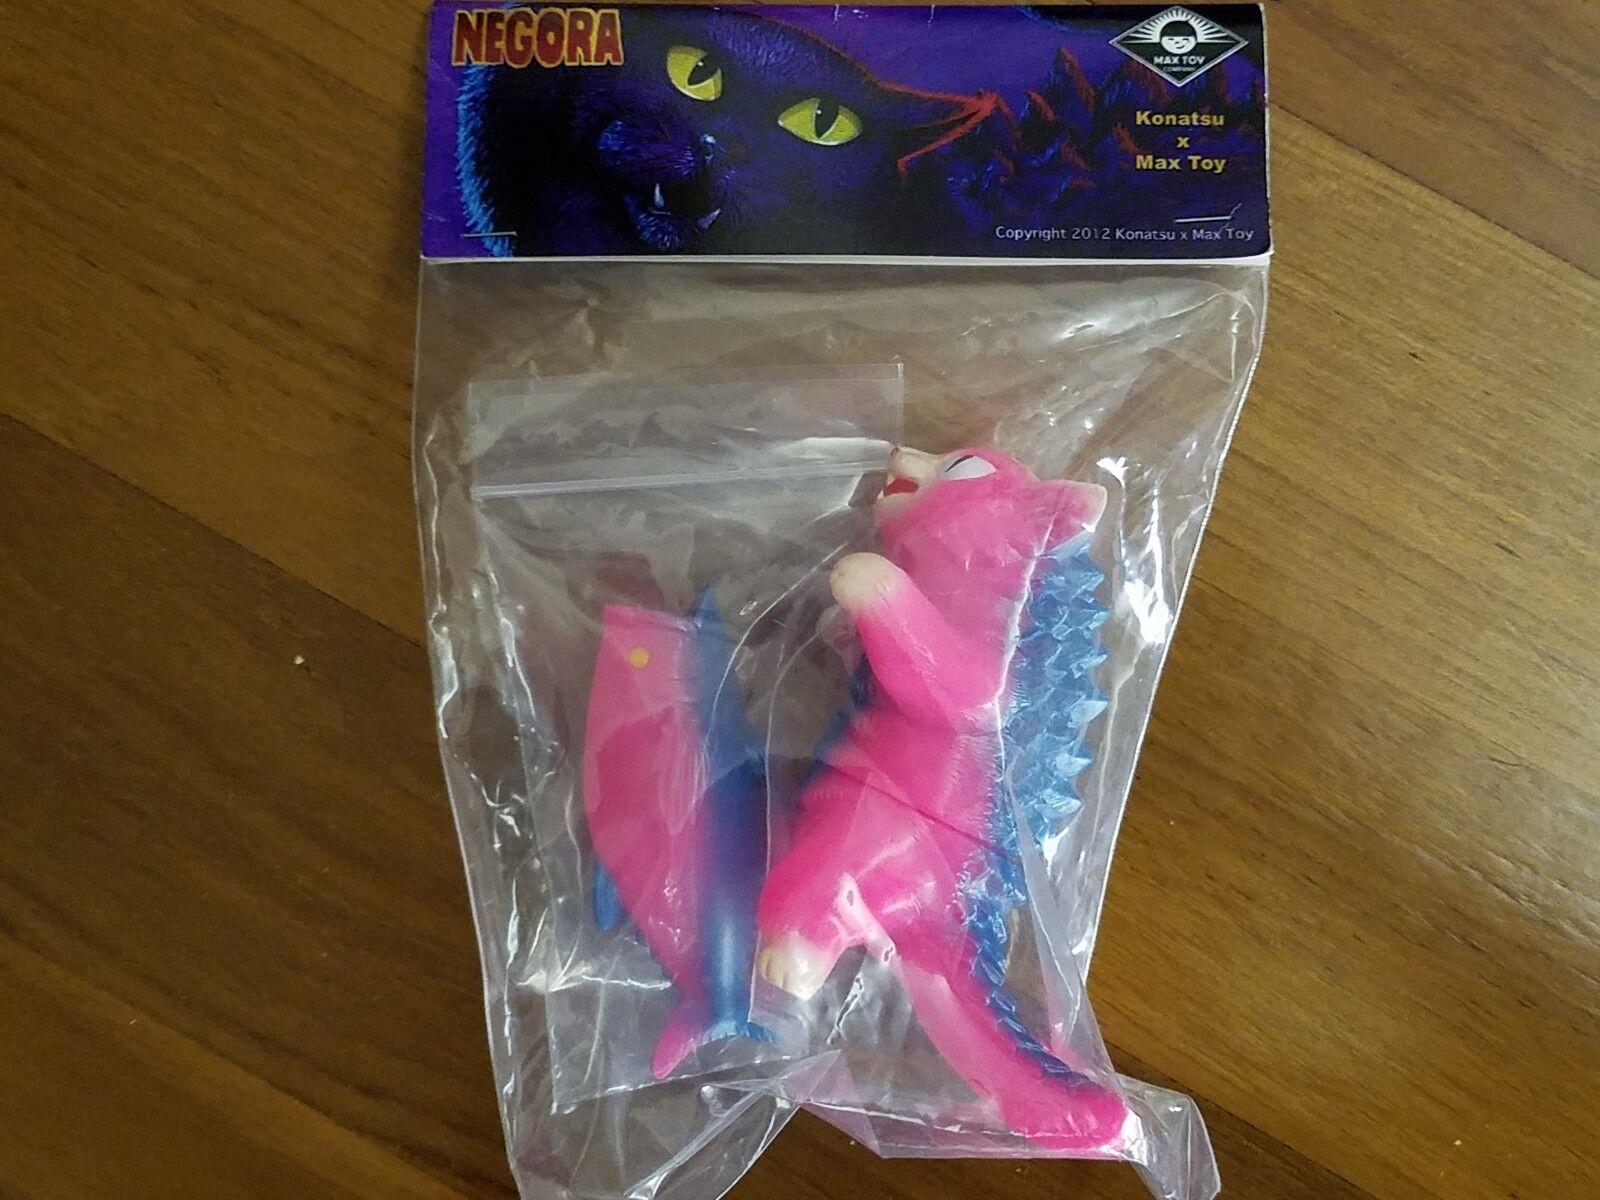 SALE Konatsuya Pink Negora Konatsu Max Toy Fish Sofubi Vinyl Figure Kaiju